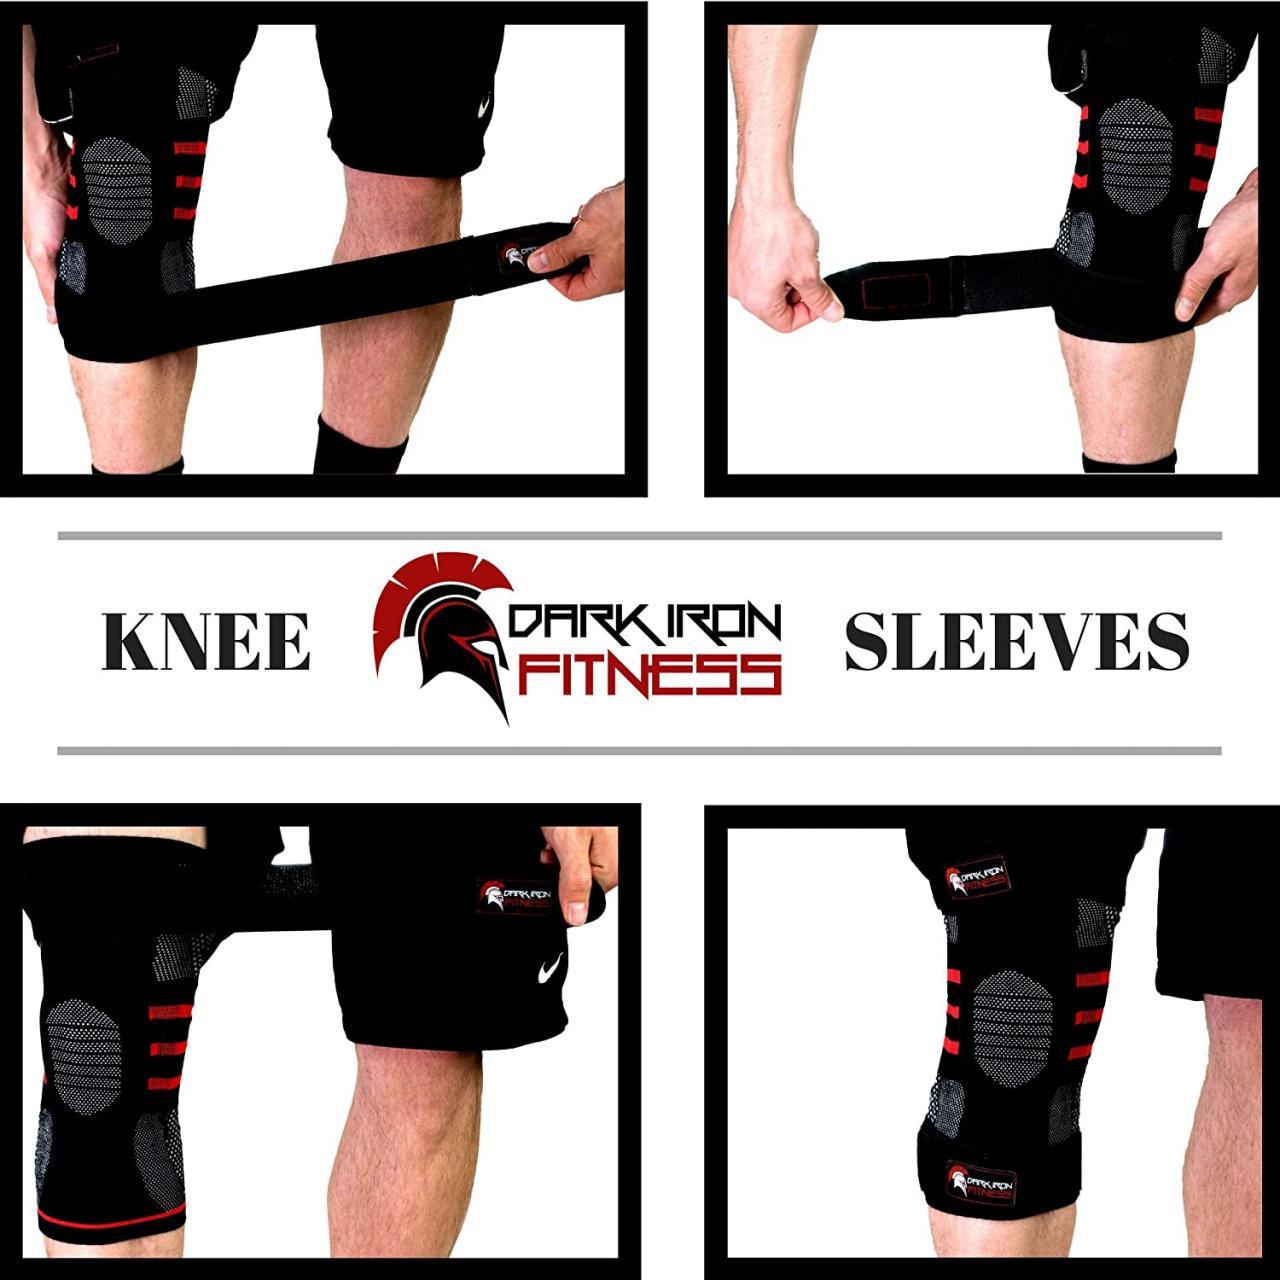 Best Knee Sleeves for CrossFit - Dark Iron Fitness Knee Sleeves